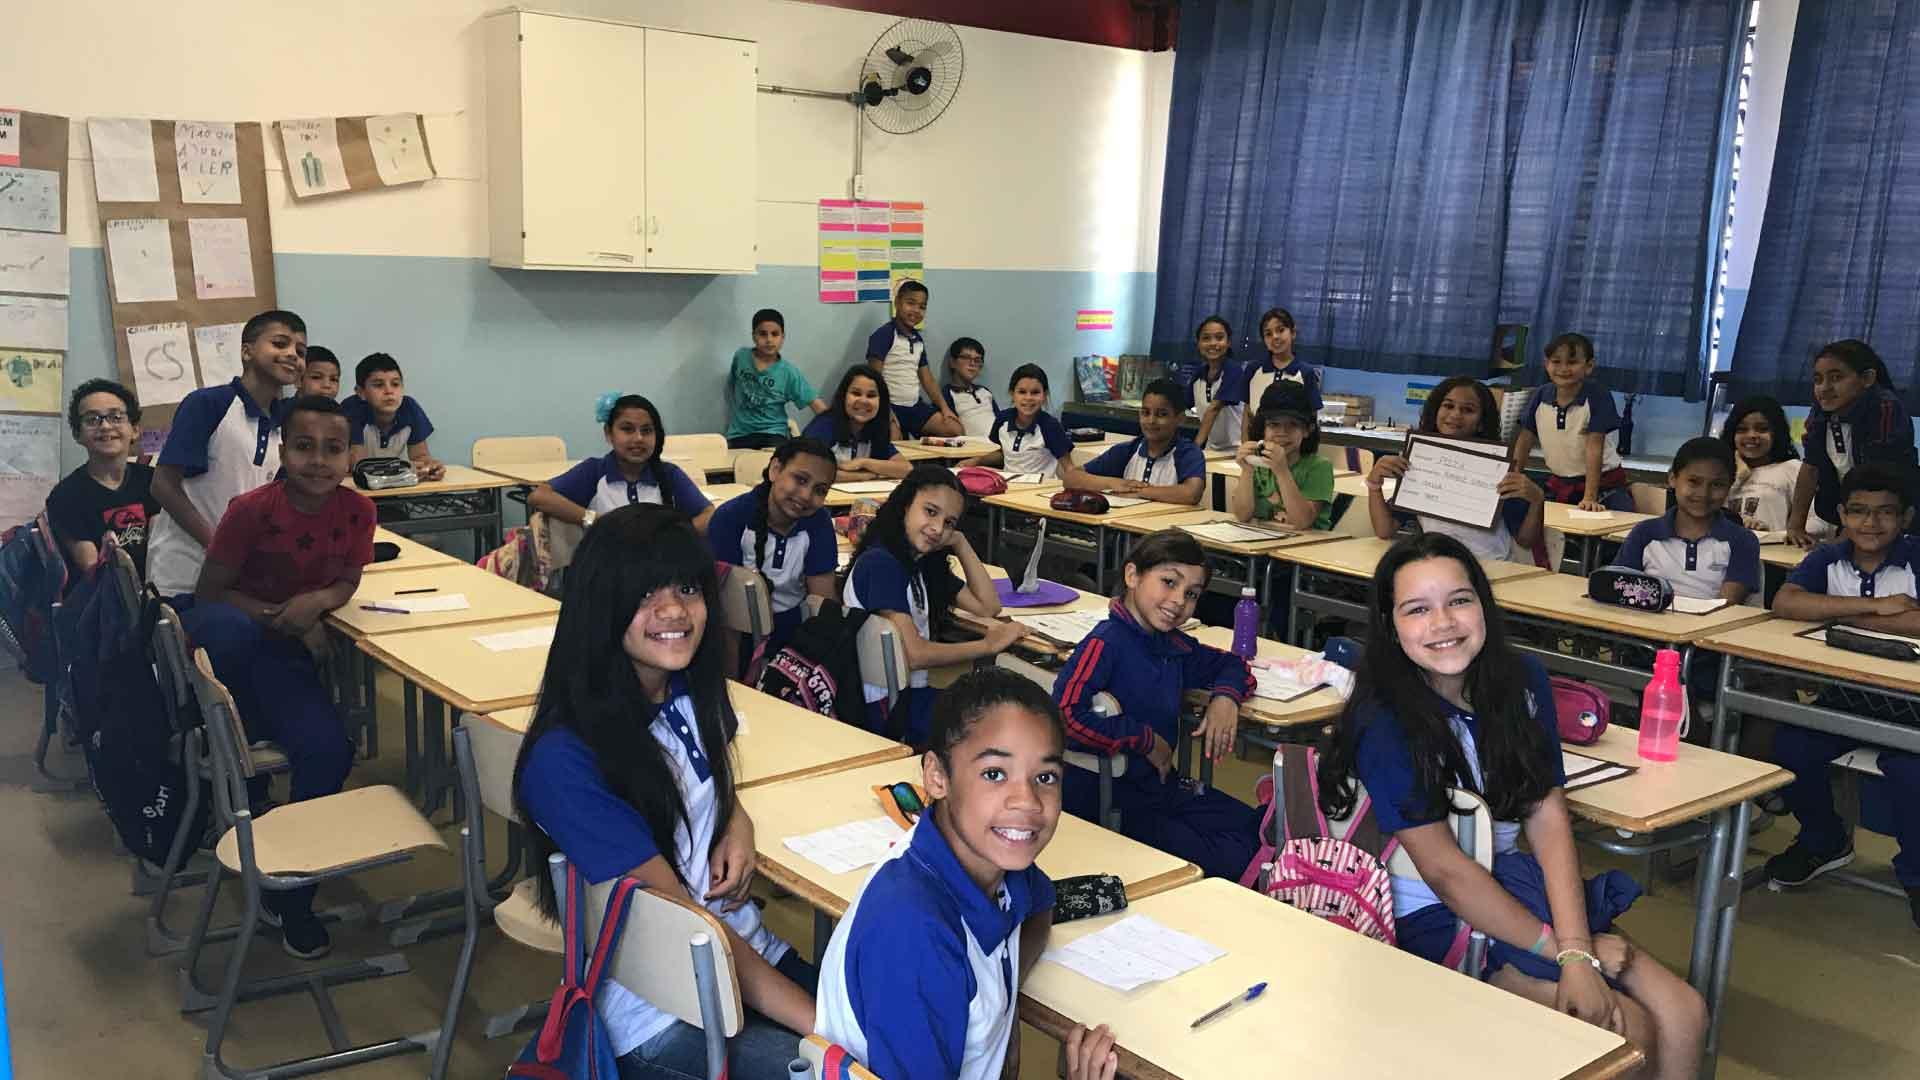 16 Experiências Inspiradoras para a sua Gestão Escolar